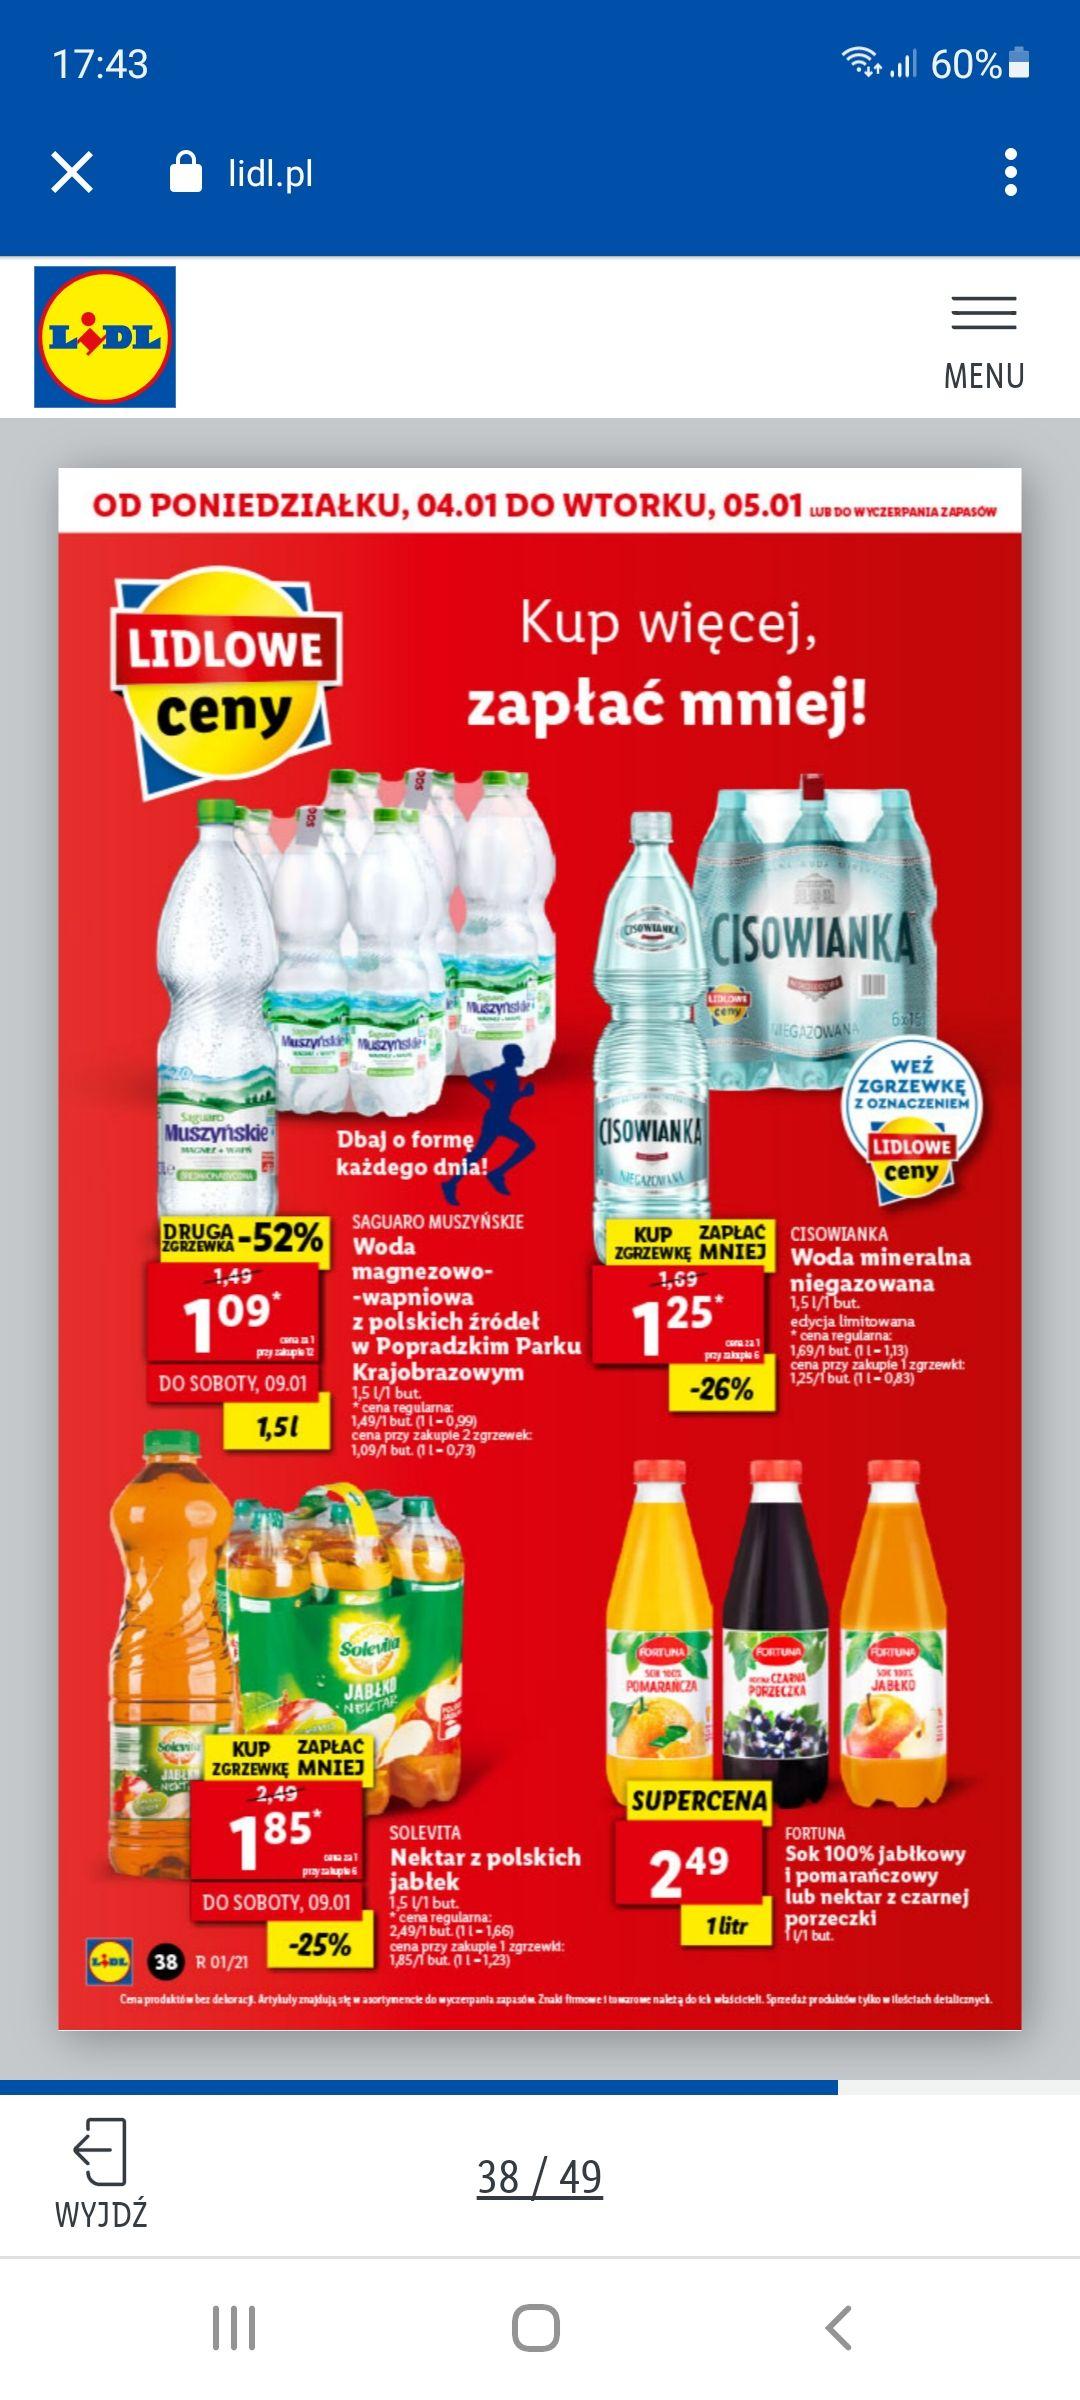 Saguaro muszyńskie LIDL przy zakupie 12 butelek